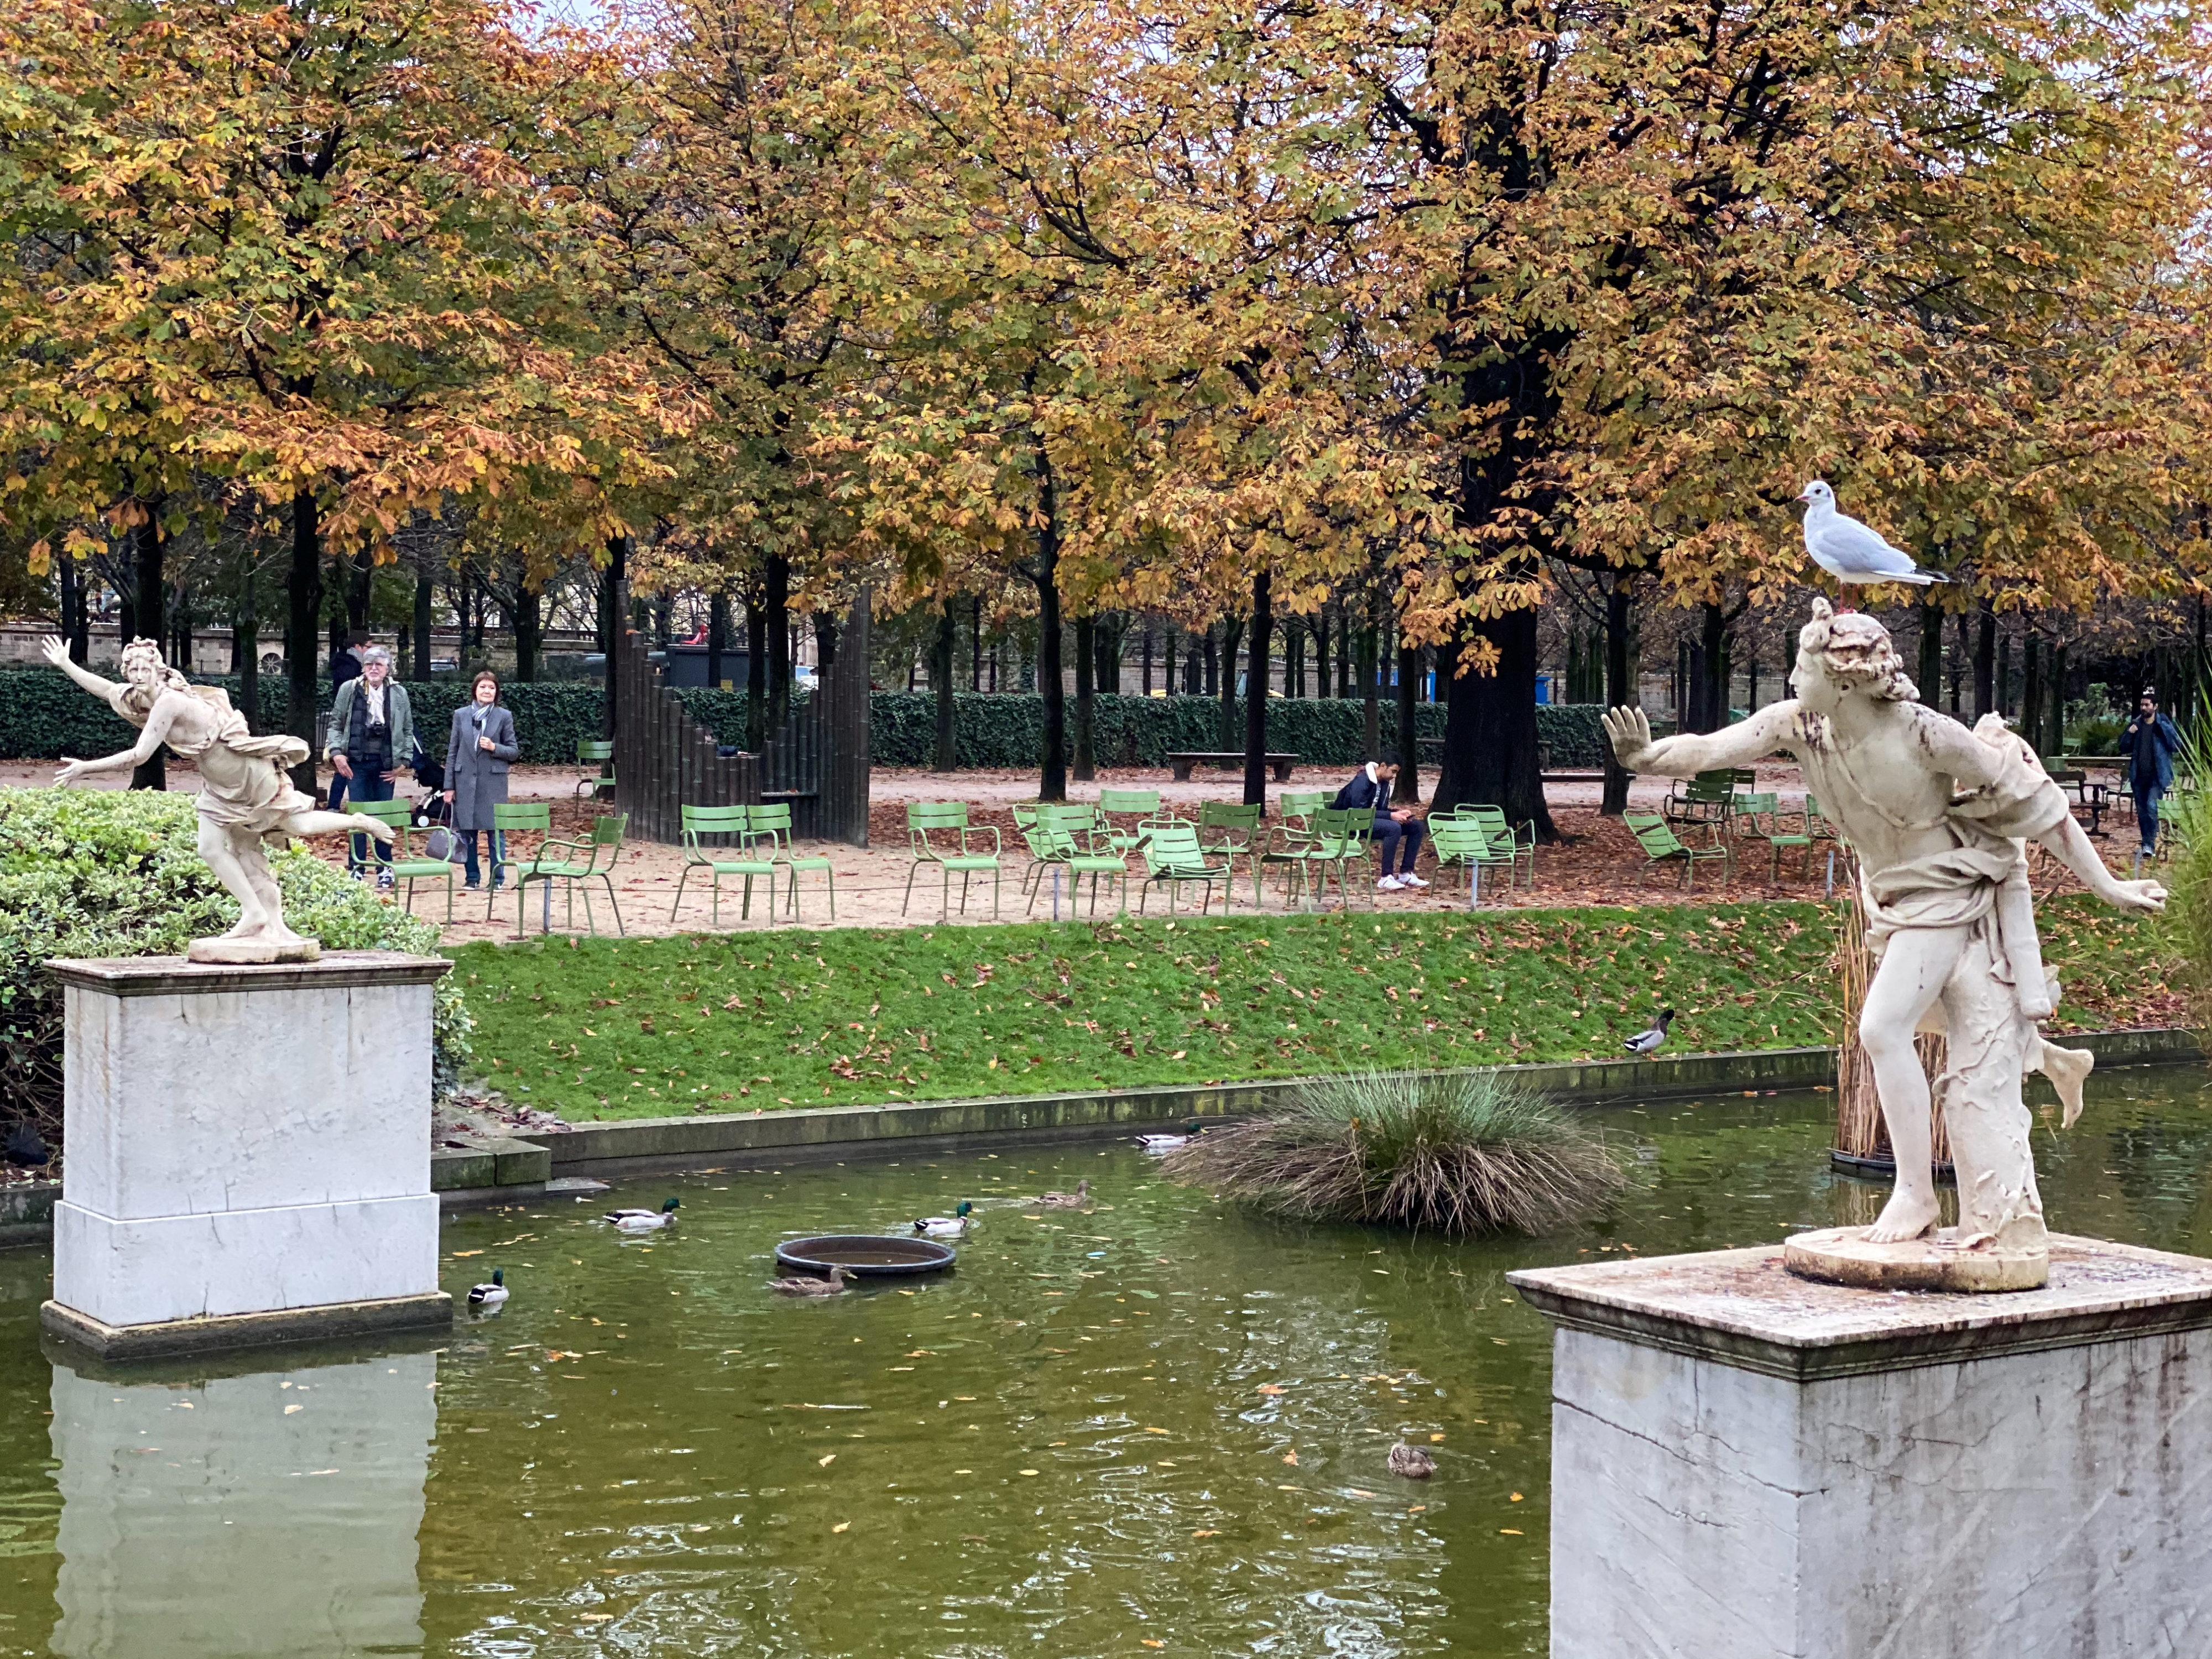 Paris im Dauerregen 2019 – Jardin des Tuileries mit Apoll und Daphne